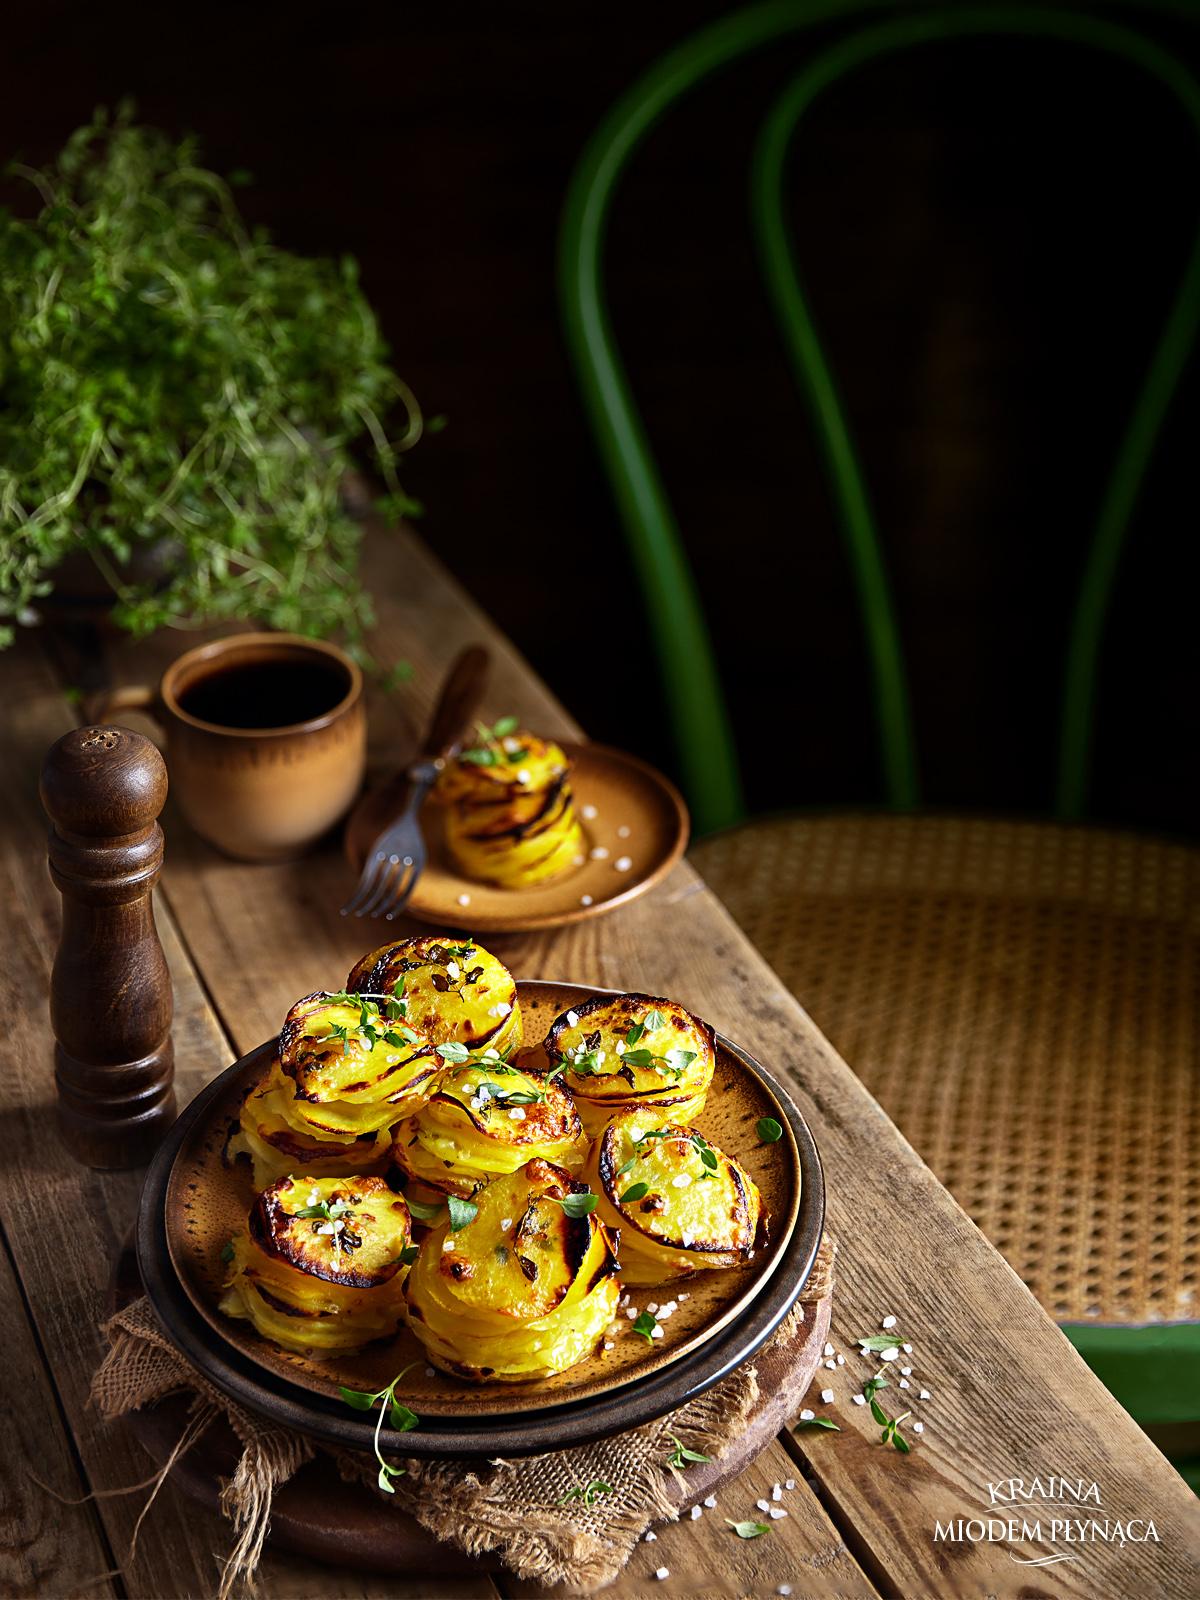 ziemniaczane krążki z solą i tymiankiem, pieczone ziemniaczki, pieczone frytki, pomysł na imprezę, kraina miodem płynąca